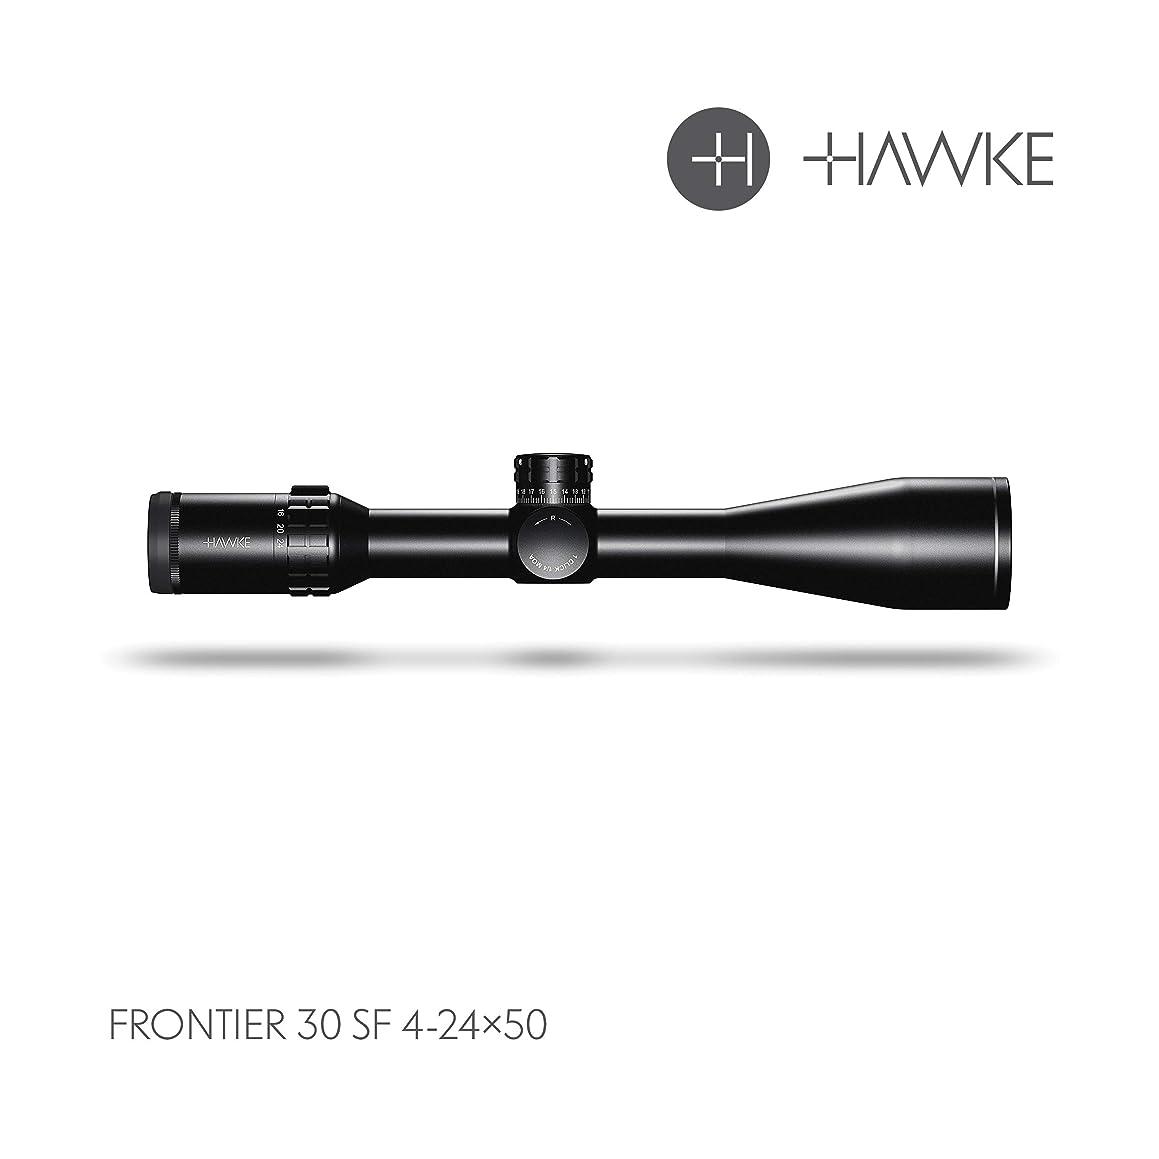 Hawke Sport Optics Frontier 30 SF 4-24x50 LR Dot IR, Black, 18430